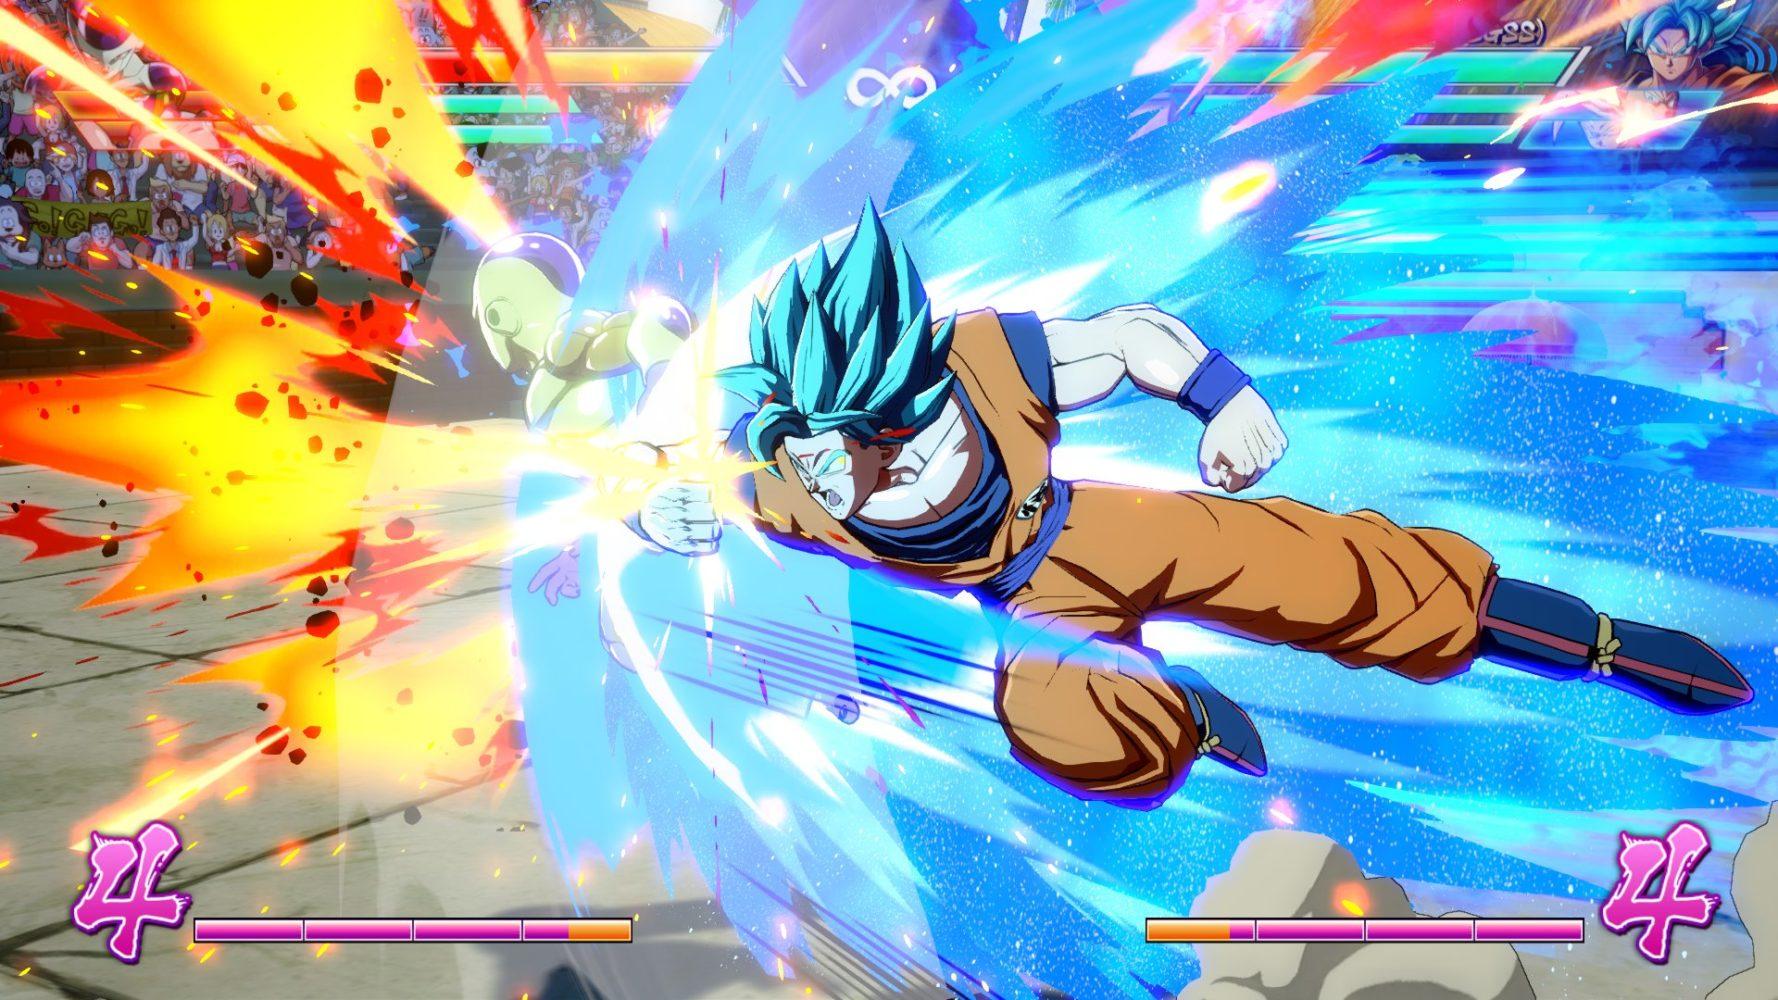 DBZ Blue goku fight